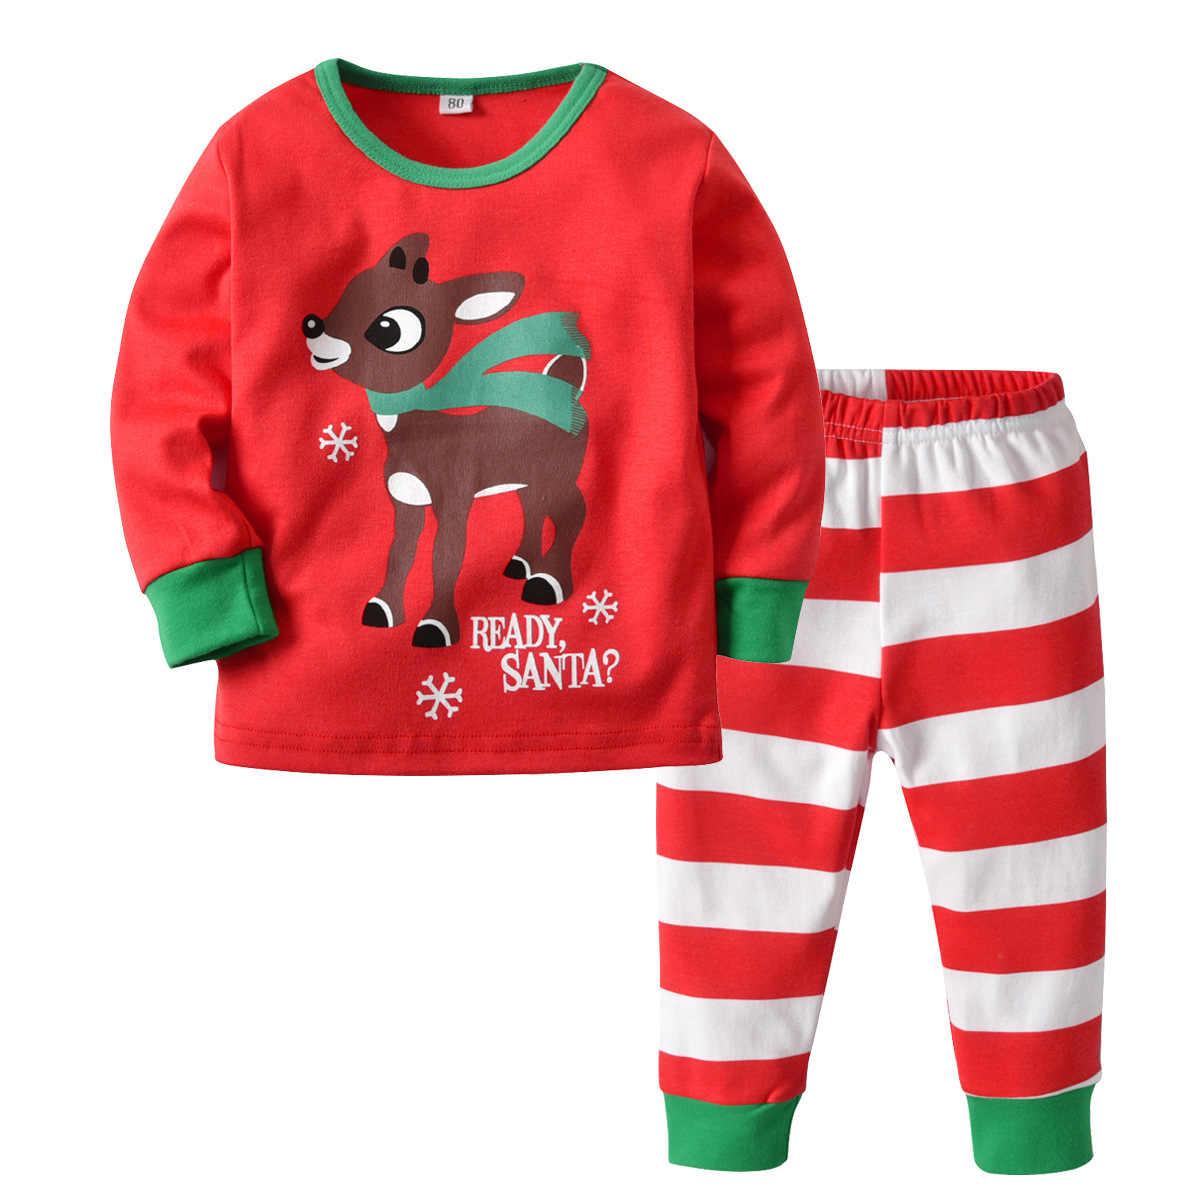 2018 пижамы детские Новые пижамные комплекты Рождественский олень с длинным рукавом футболка + штаны в полоску нижнее белье Детские пижамы Детские